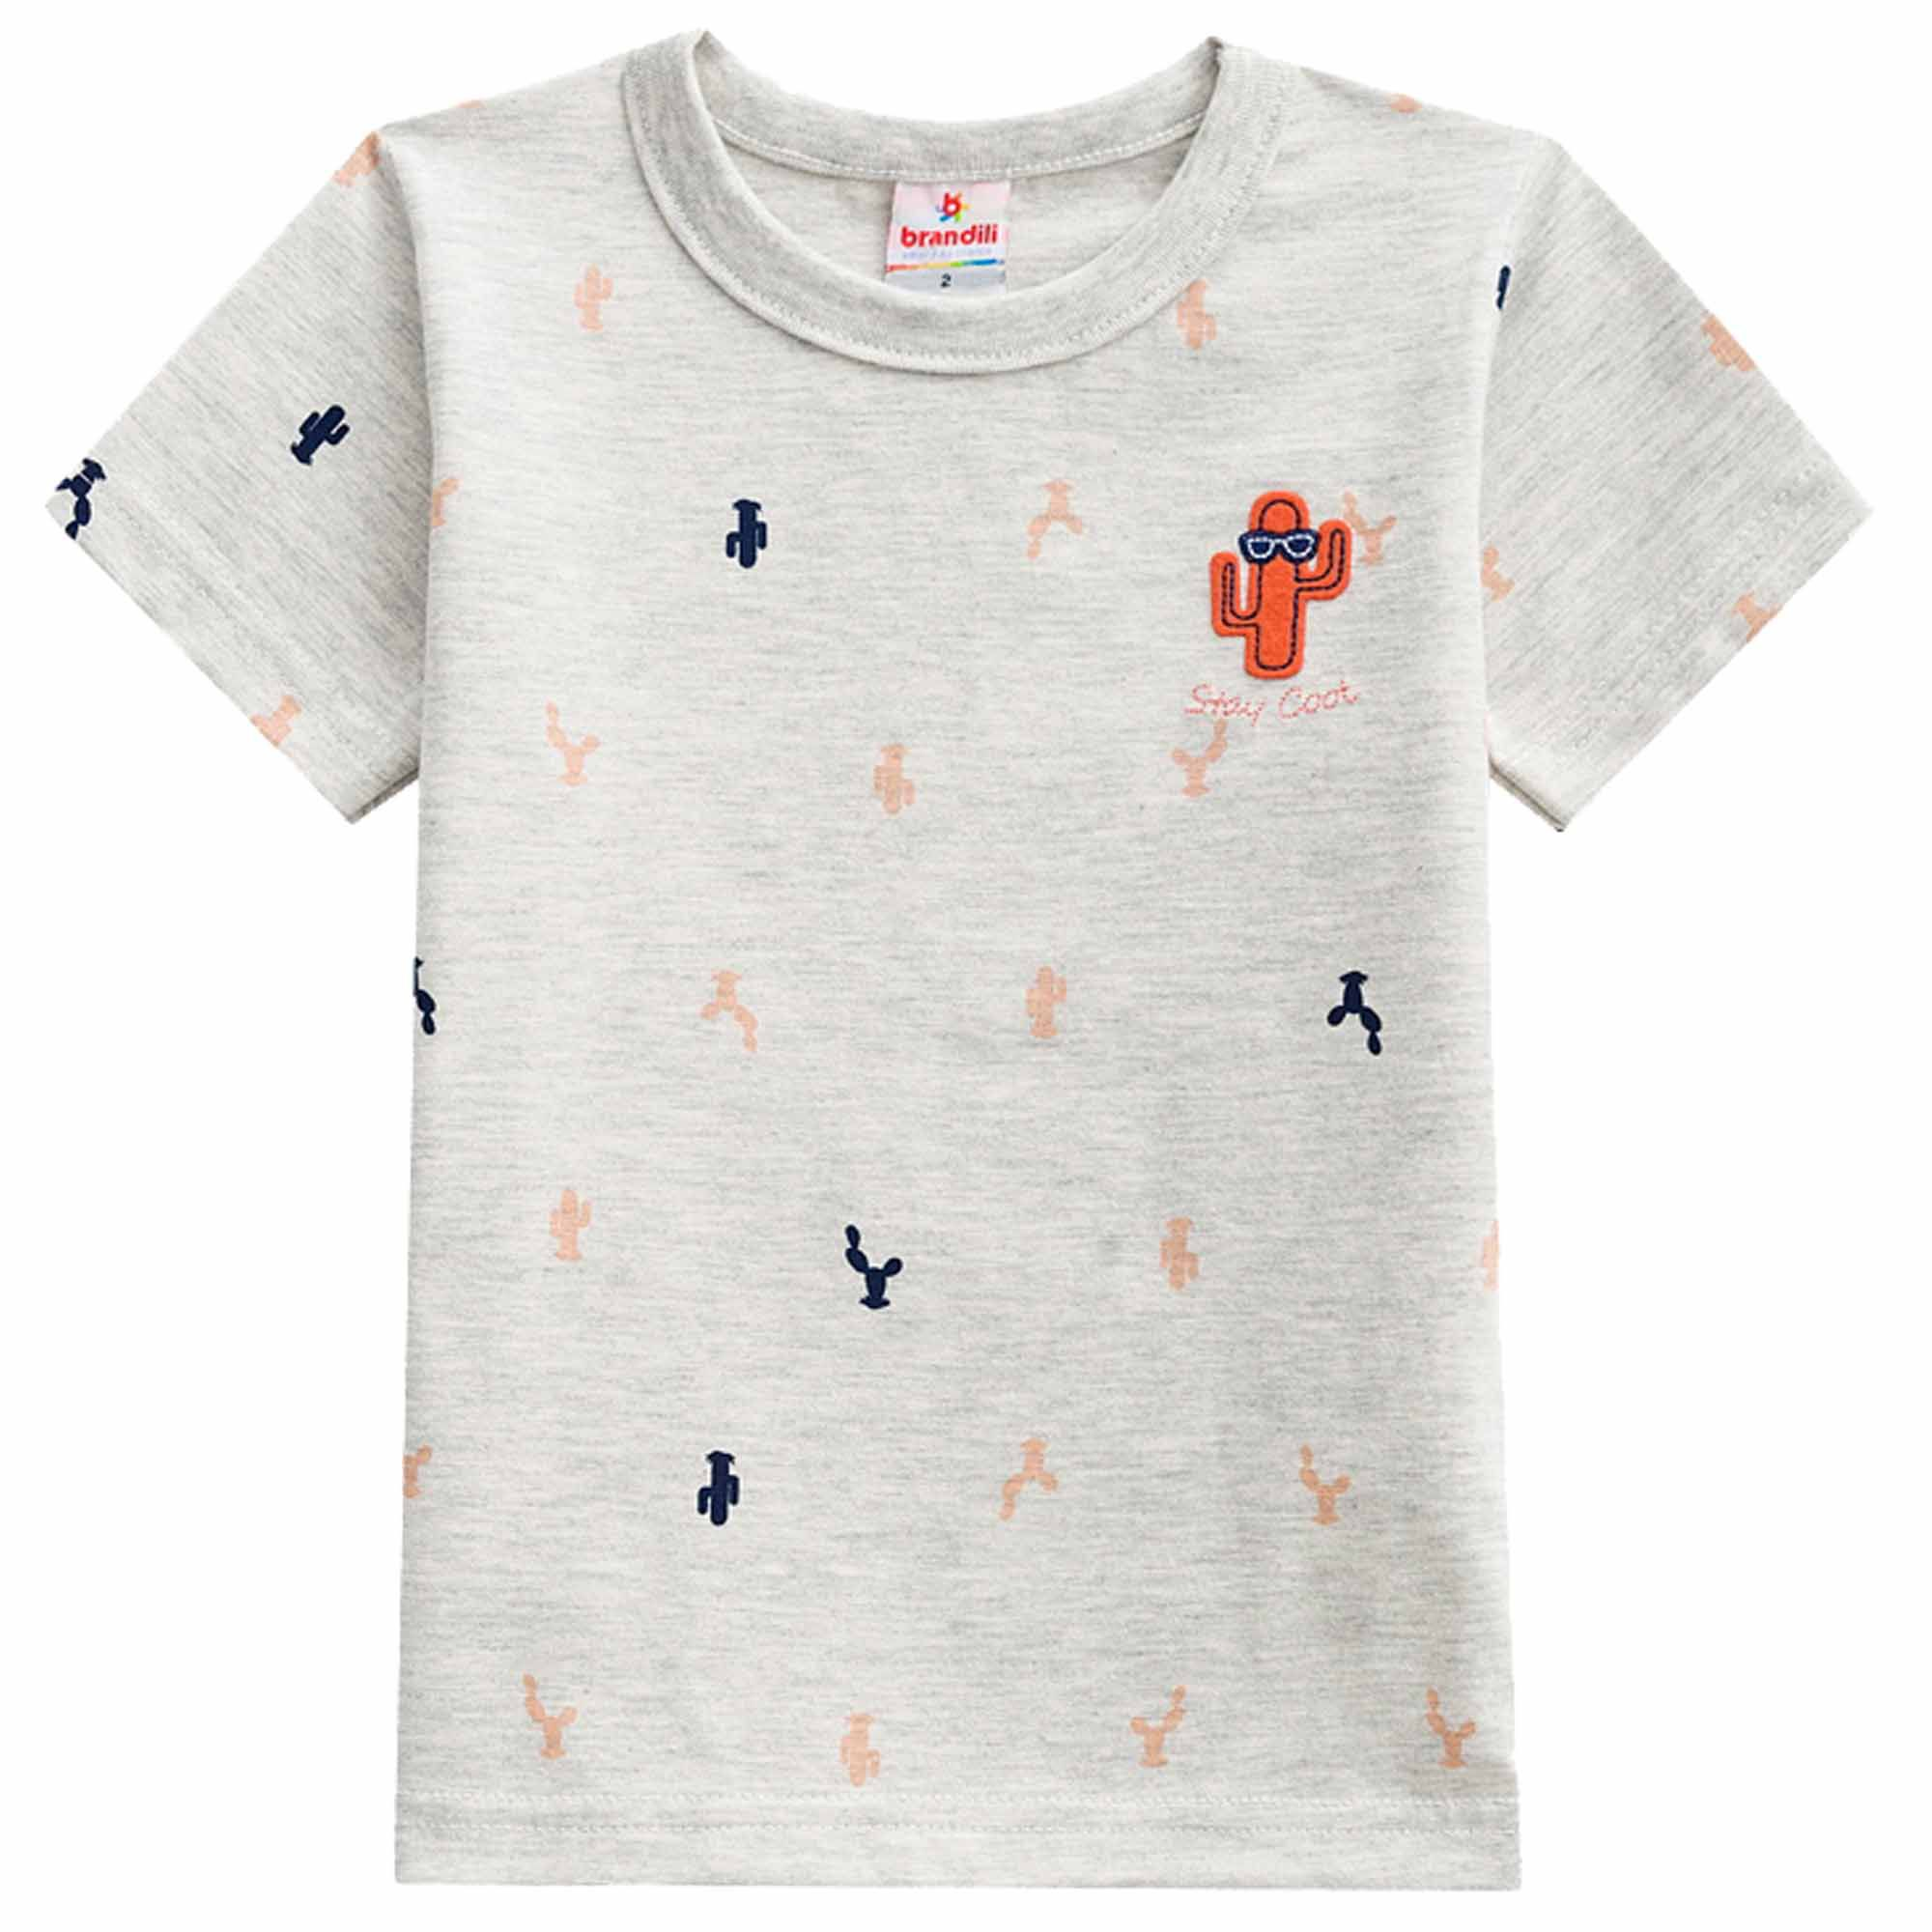 Conjunto Verão Brandili Camiseta Cacto com Bermuda Moletom - 1 ao 3